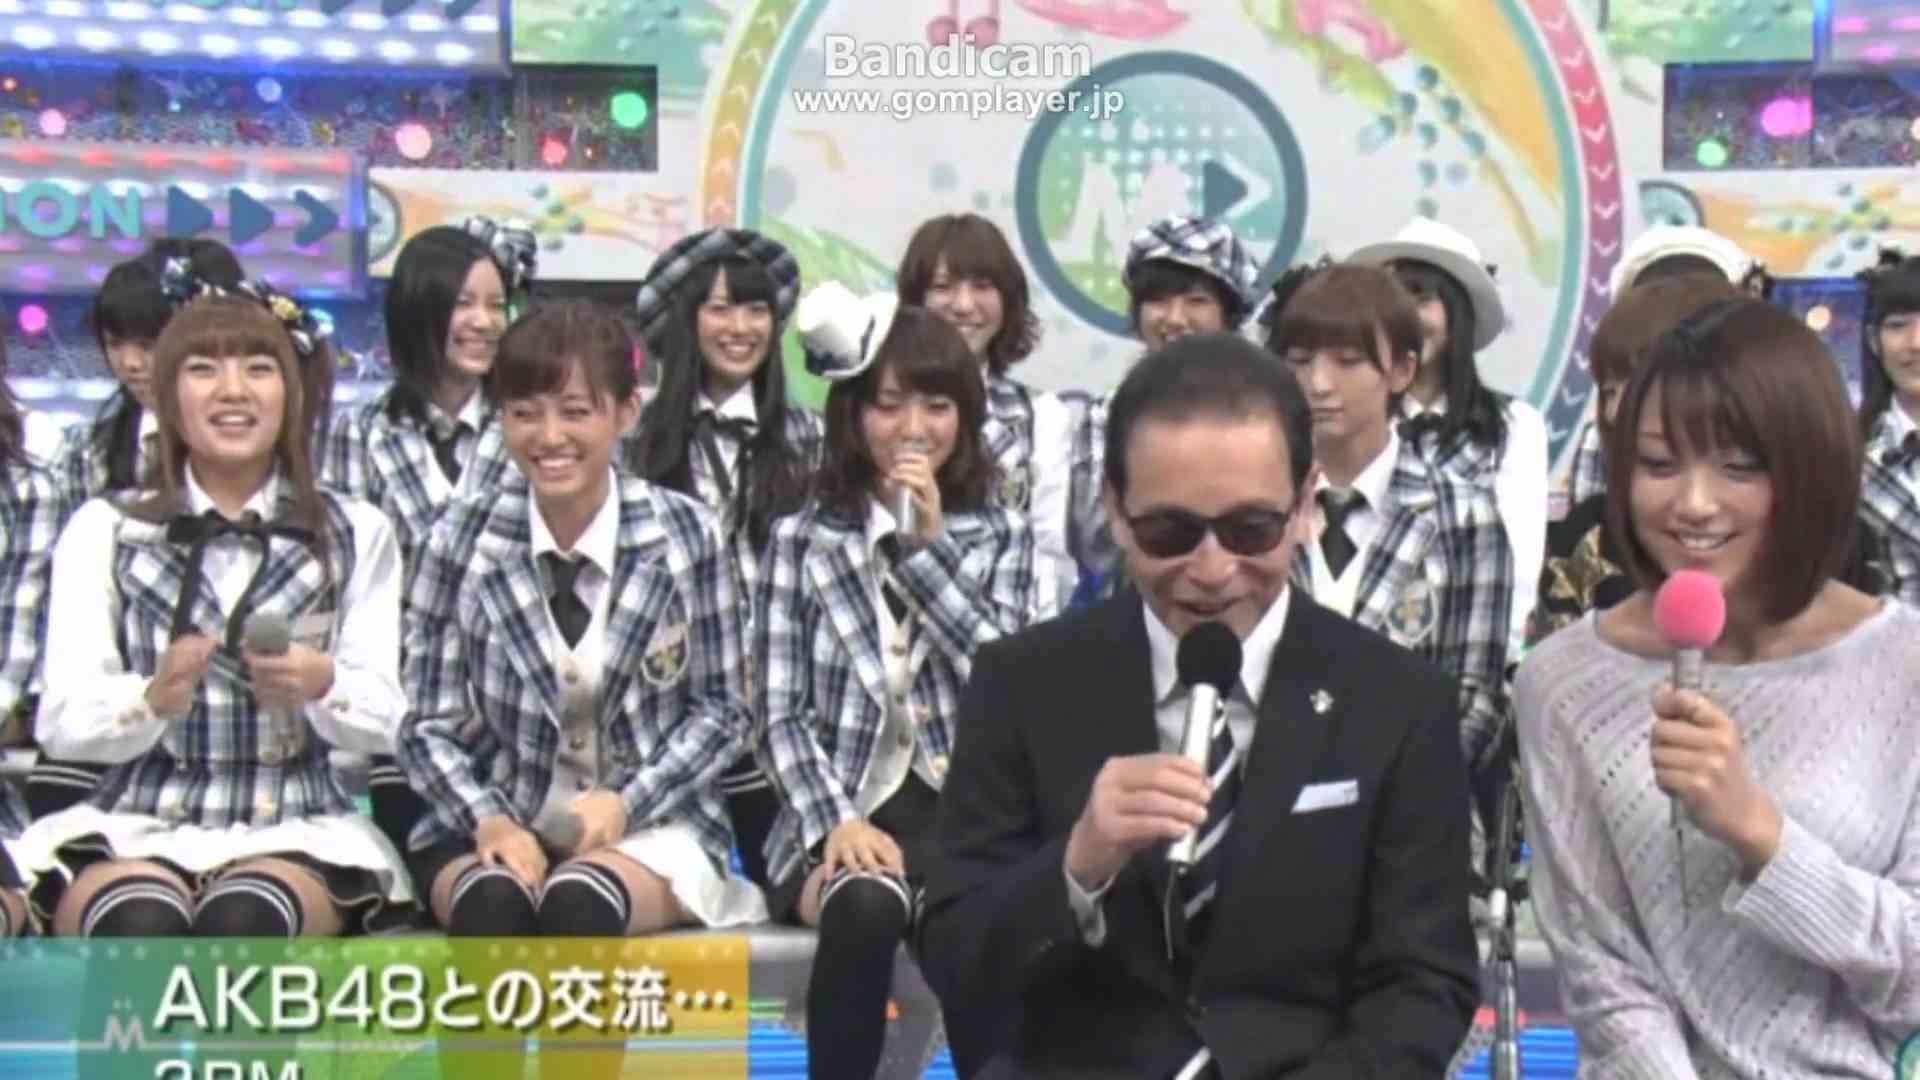 あっちゃん 優子「2PMでしたぁ!」 - YouTube